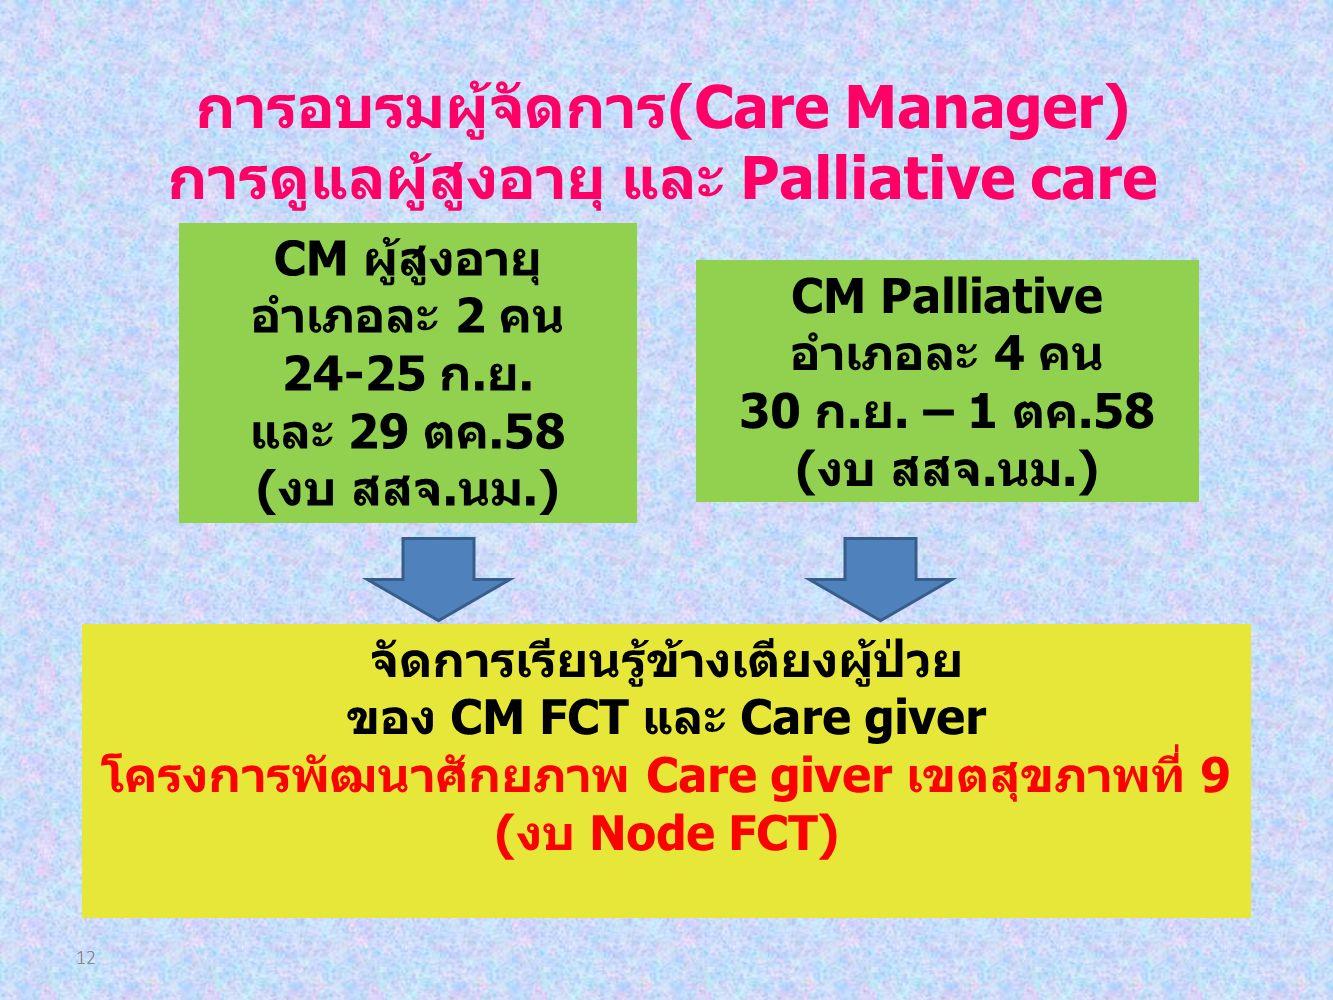 12 การอบรมผู้จัดการ(Care Manager) การดูแลผู้สูงอายุ และ Palliative care CM ผู้สูงอายุ อำเภอละ 2 คน 24-25 ก.ย.